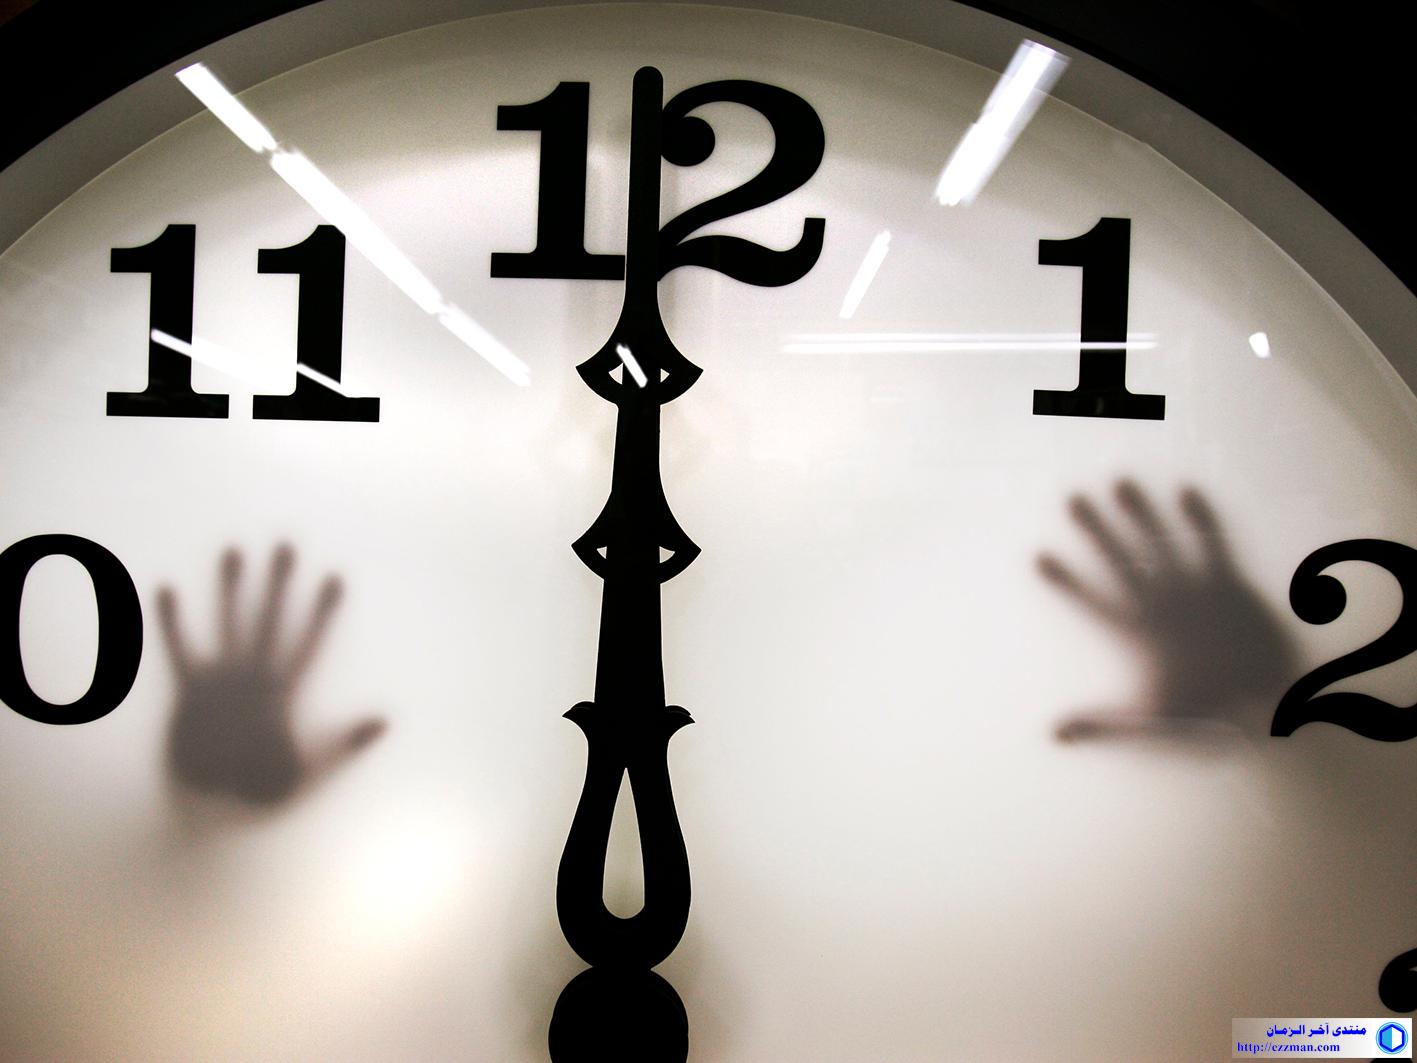 ساعة القيامة Doomsday clock